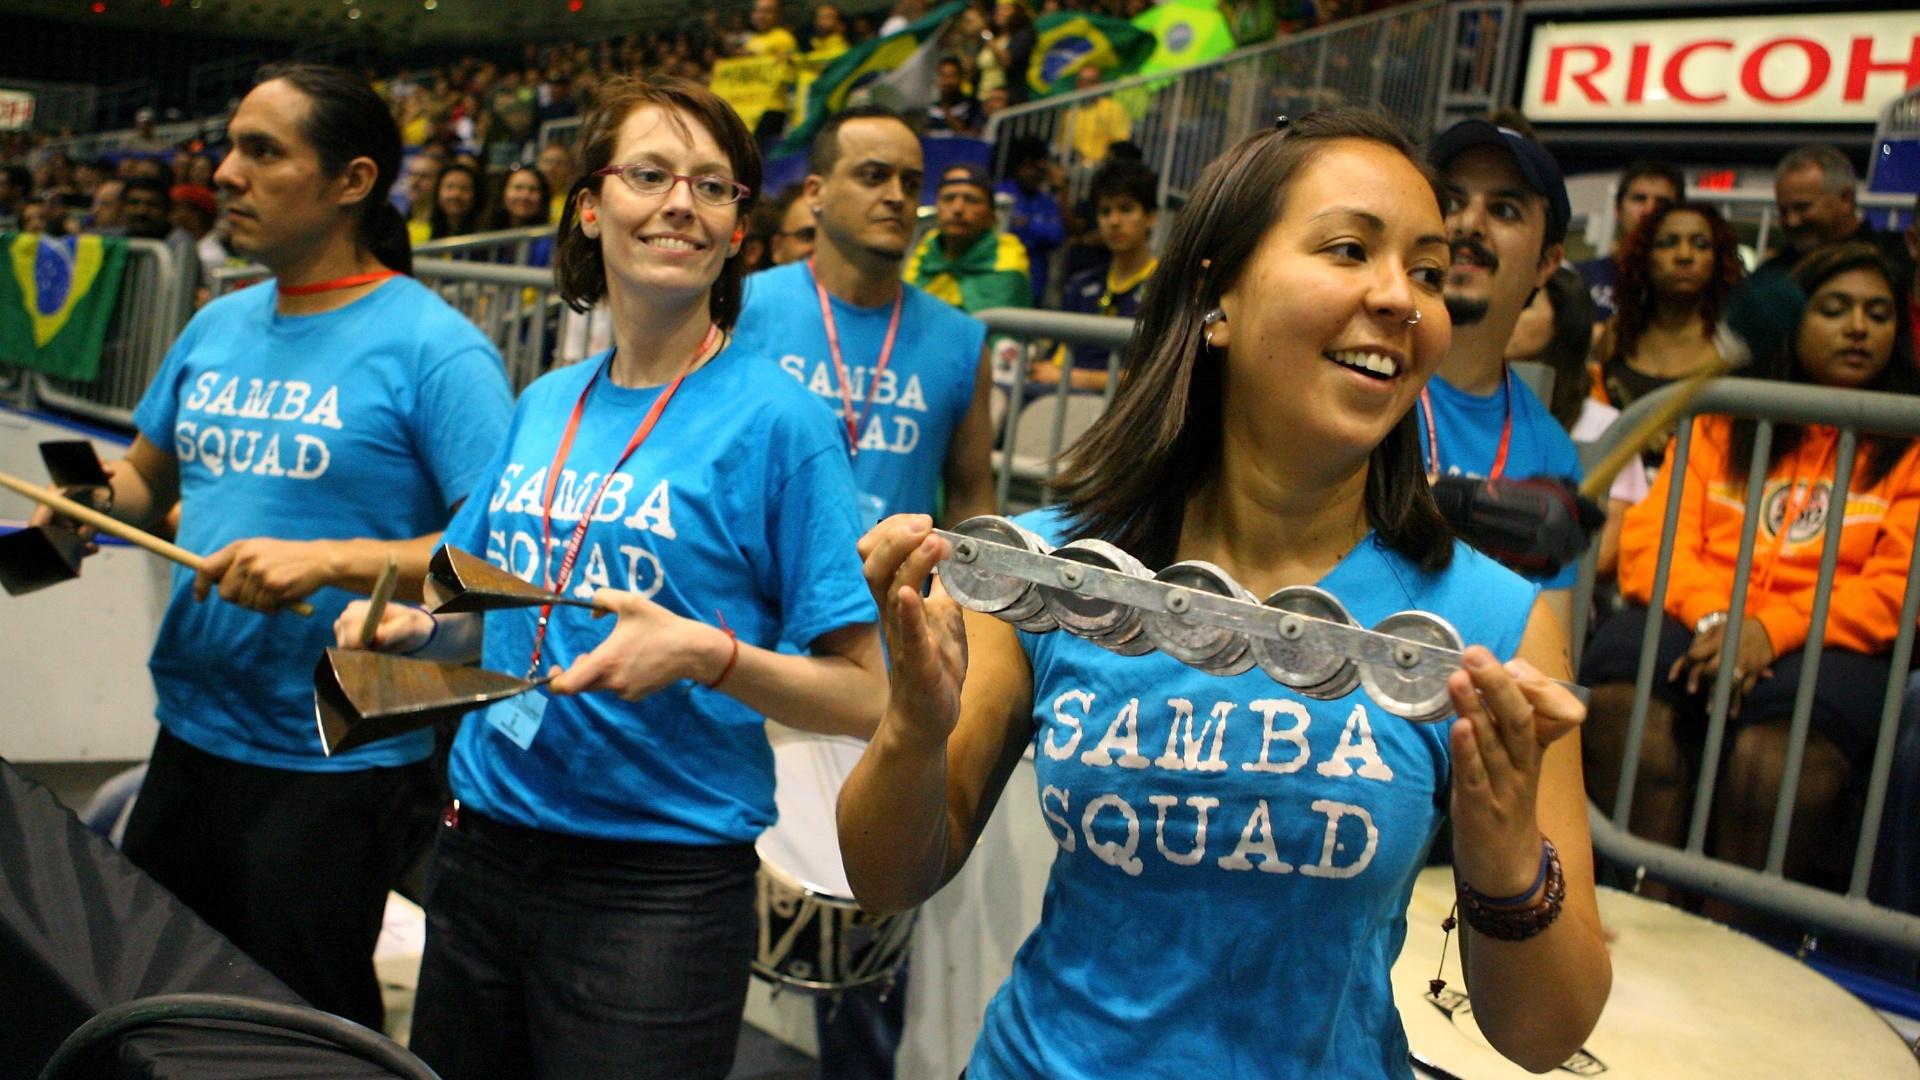 Torcedores estampam camisas sobre samba em ginásio que o Brasil venceu a Finlândia